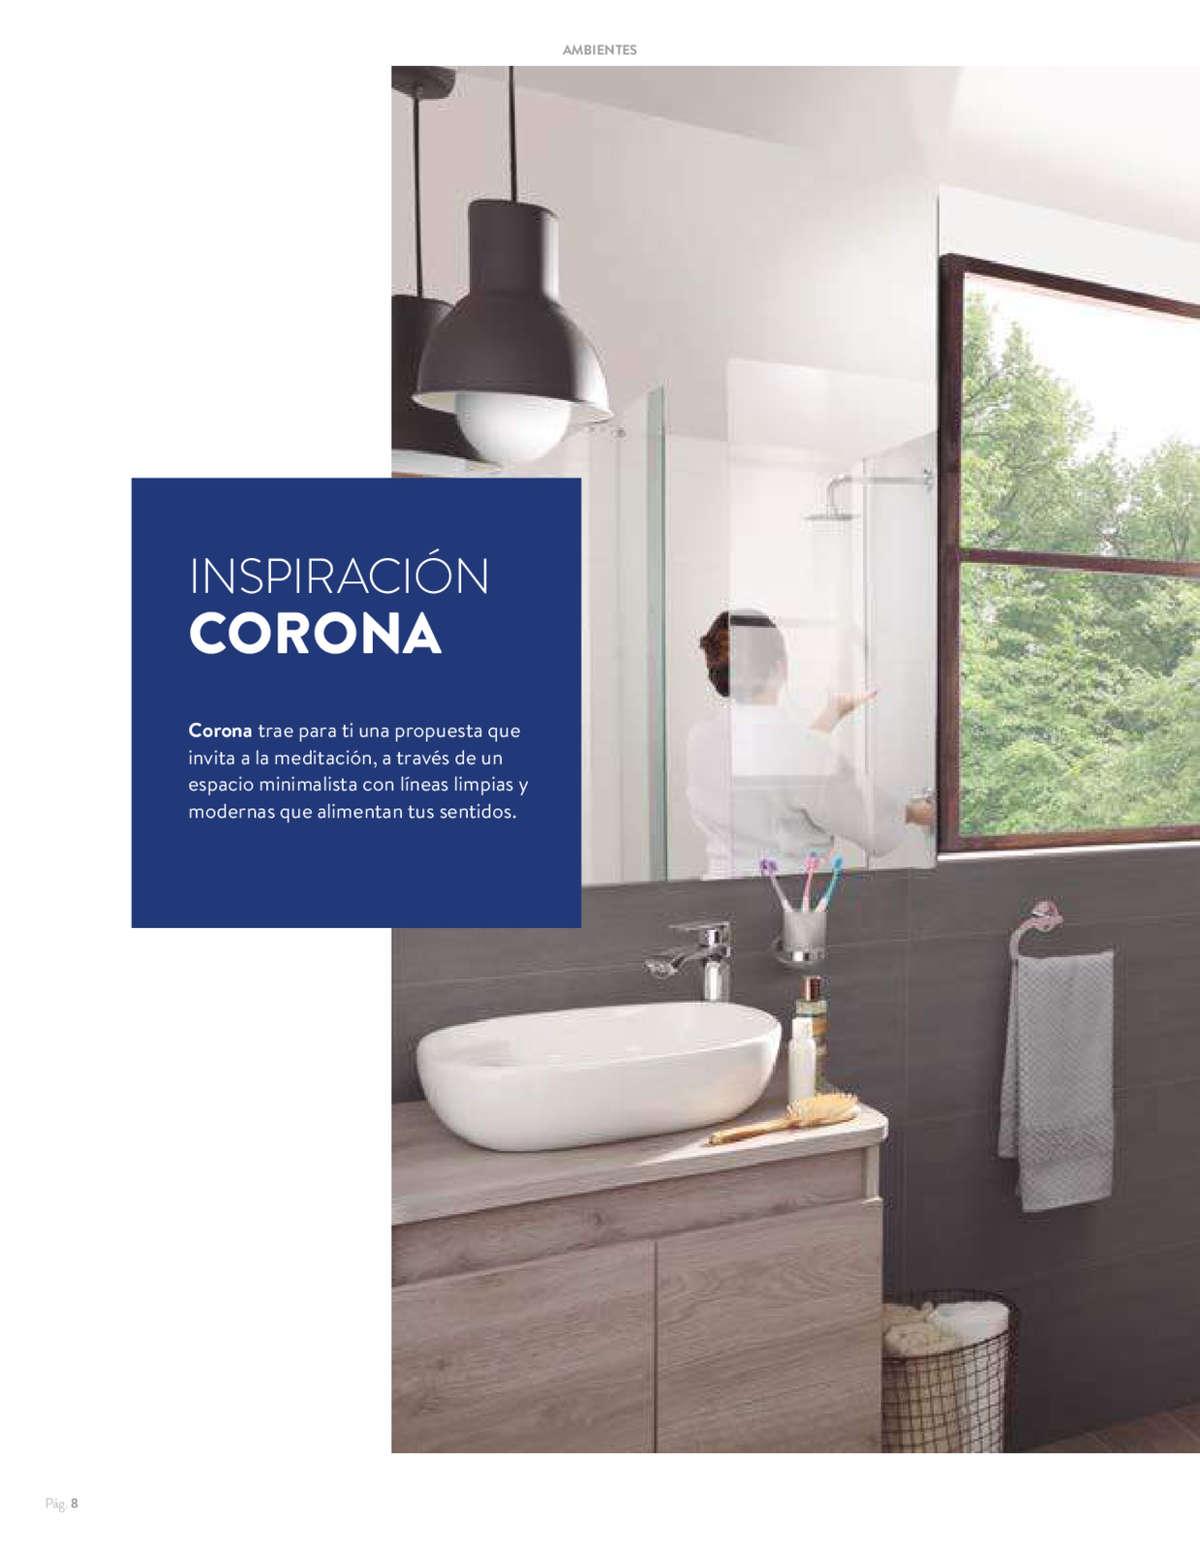 Hipercentro Corona – ofertas, promociones y catálogos online - Ofertia